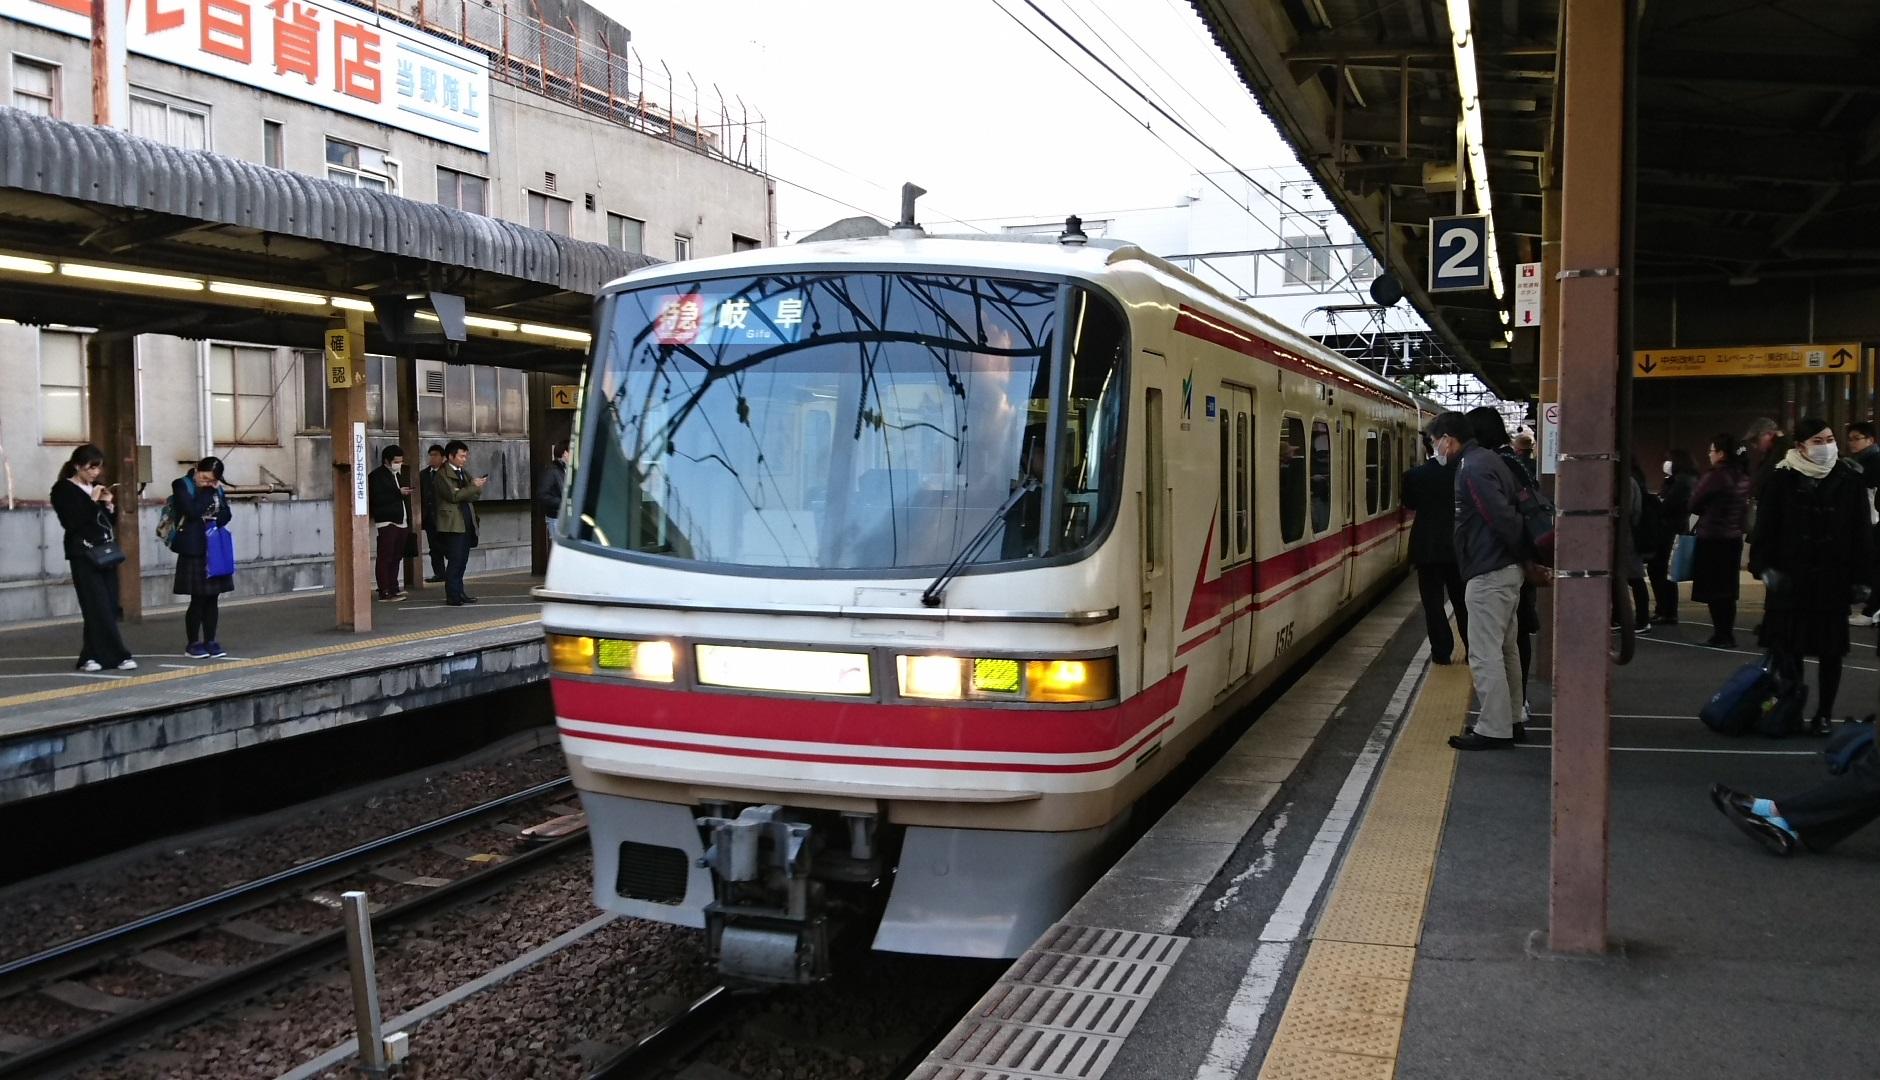 2017.1.12 (65) 東岡崎 - 岐阜いき特急(1515)1880-1080